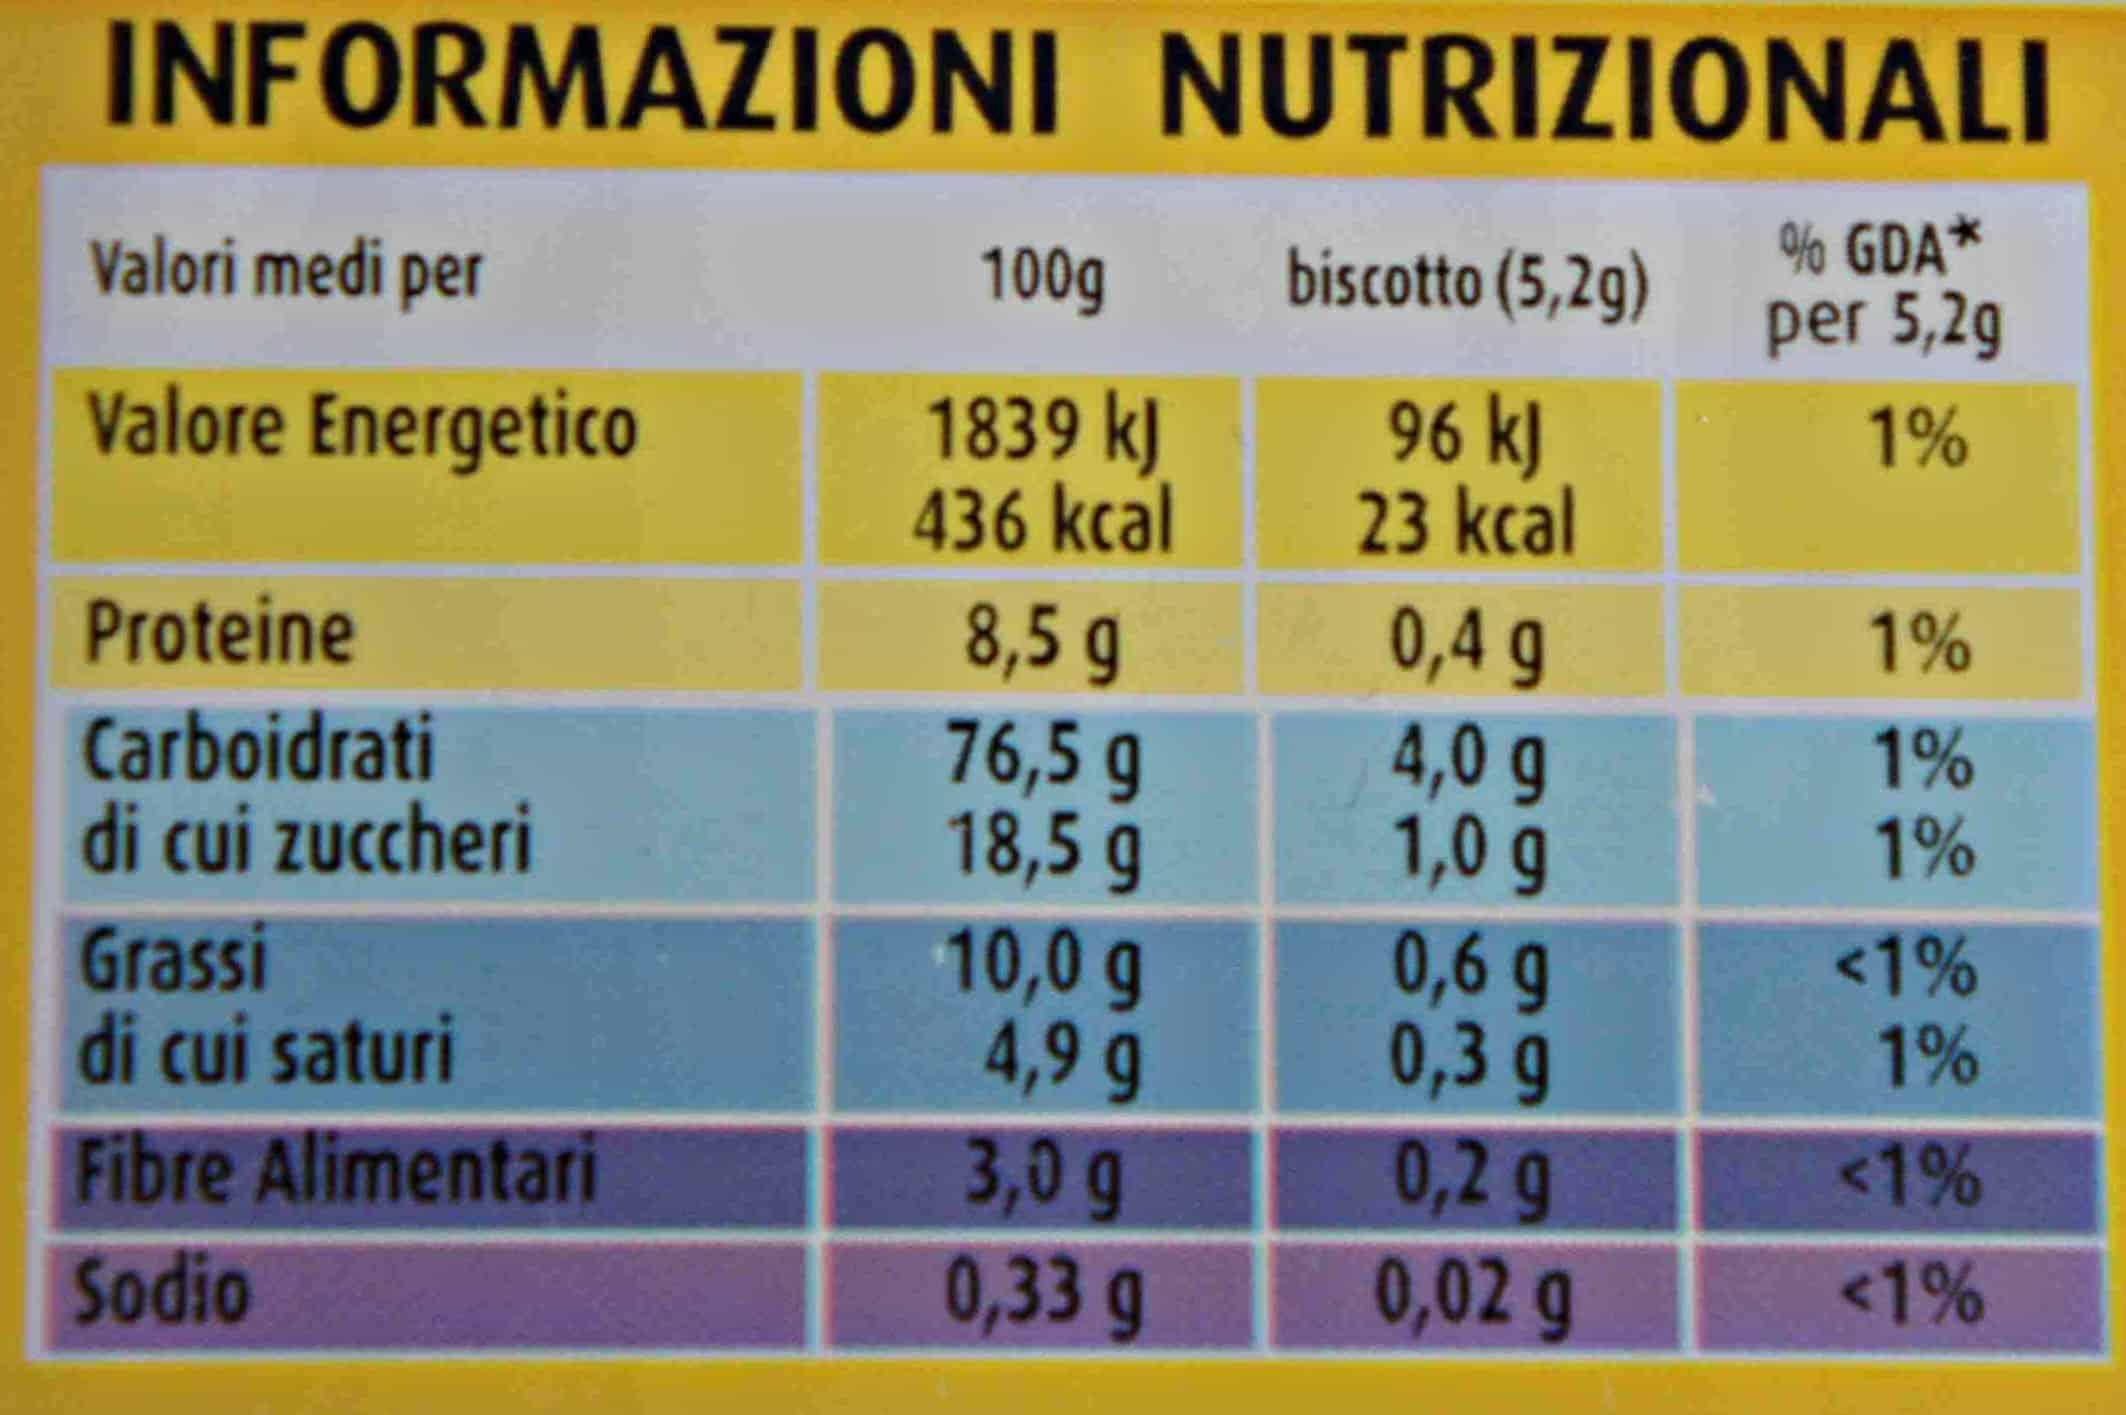 Tabella nutrizionale Oro Saiwa Autosvezzamento